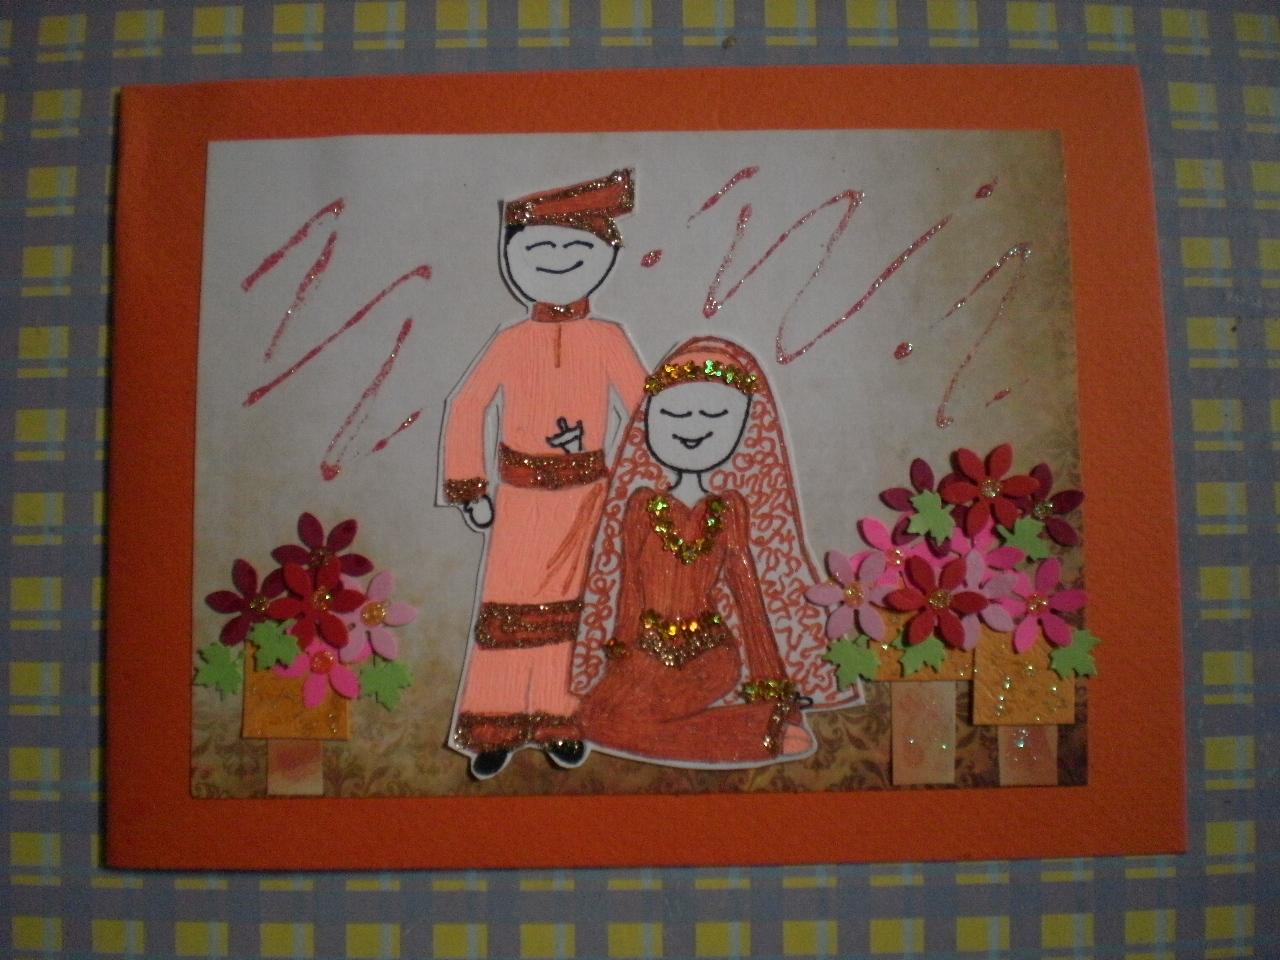 elaine's creative cards wedding cards